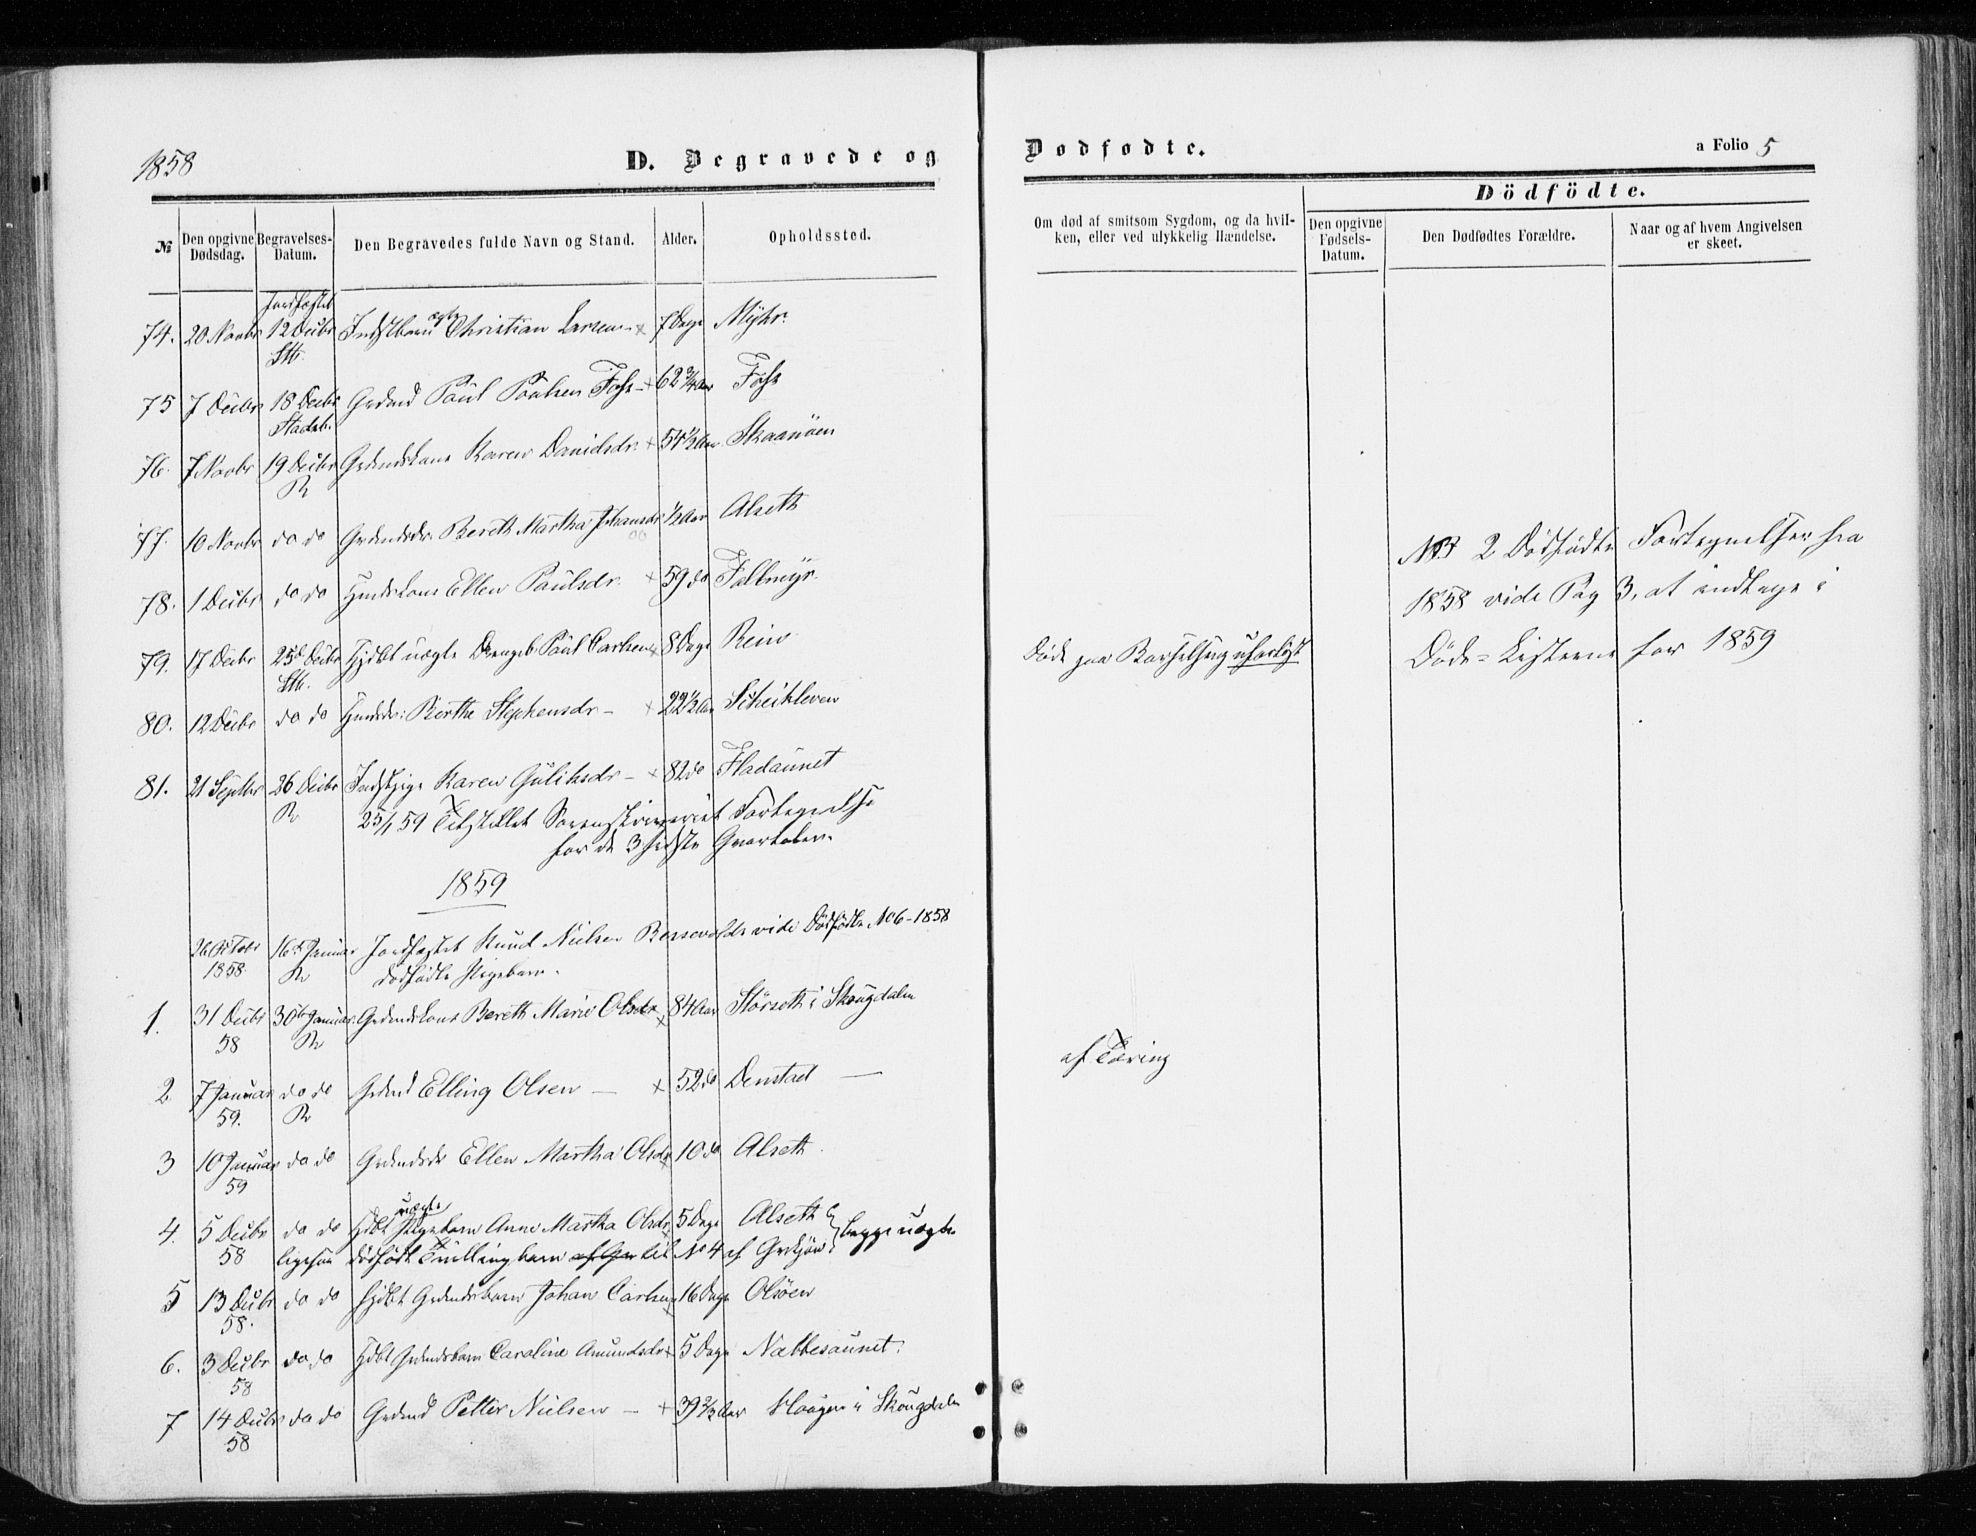 SAT, Ministerialprotokoller, klokkerbøker og fødselsregistre - Sør-Trøndelag, 646/L0612: Ministerialbok nr. 646A10, 1858-1869, s. 5